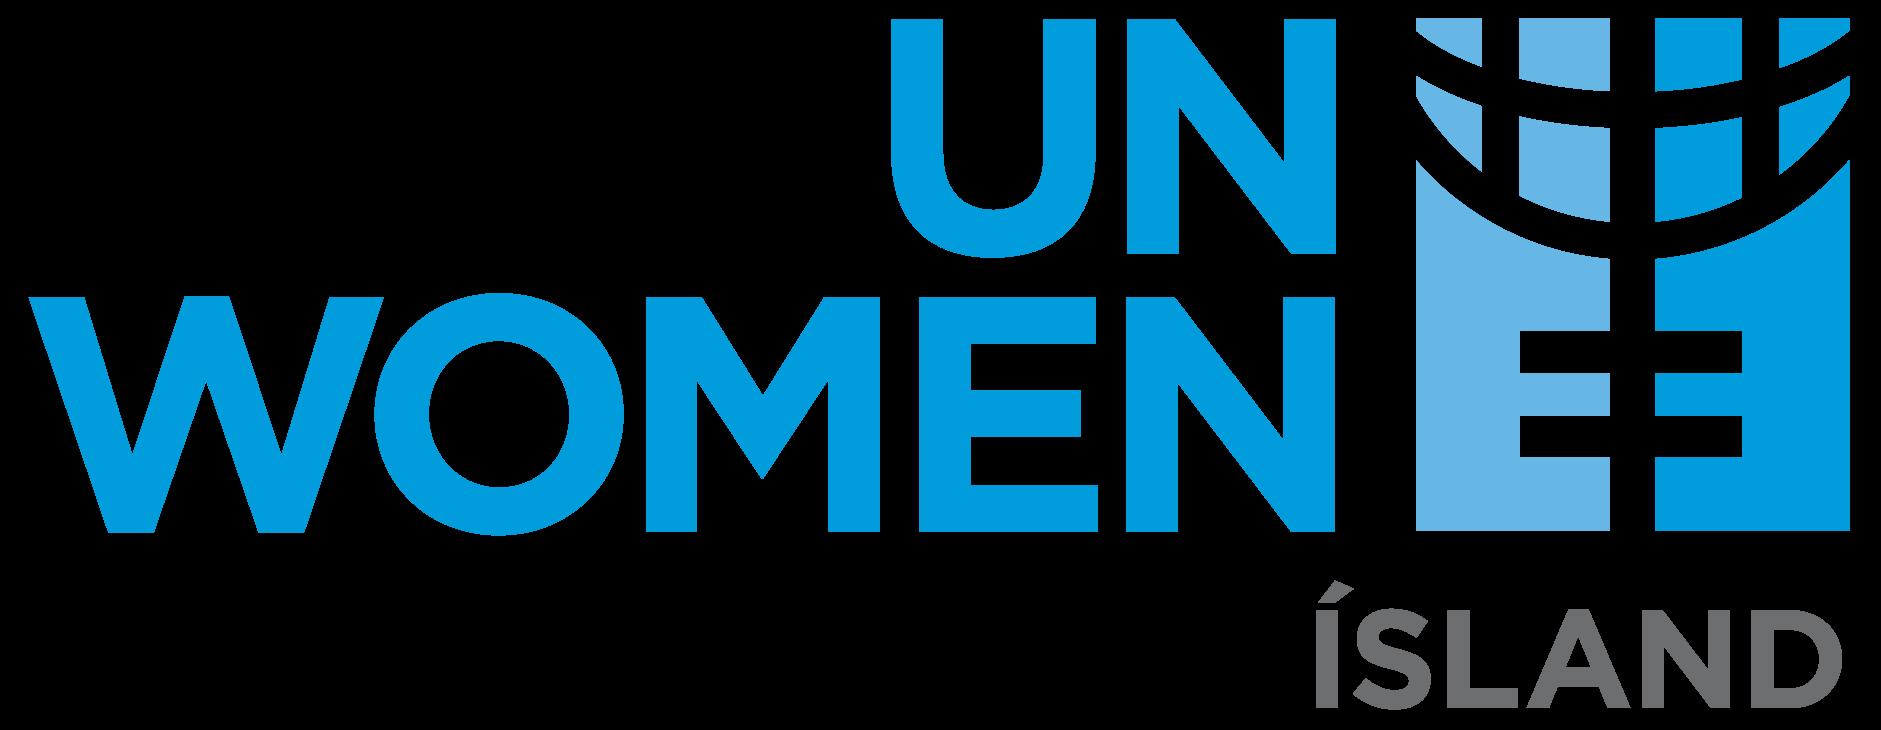 UN Women Ísland